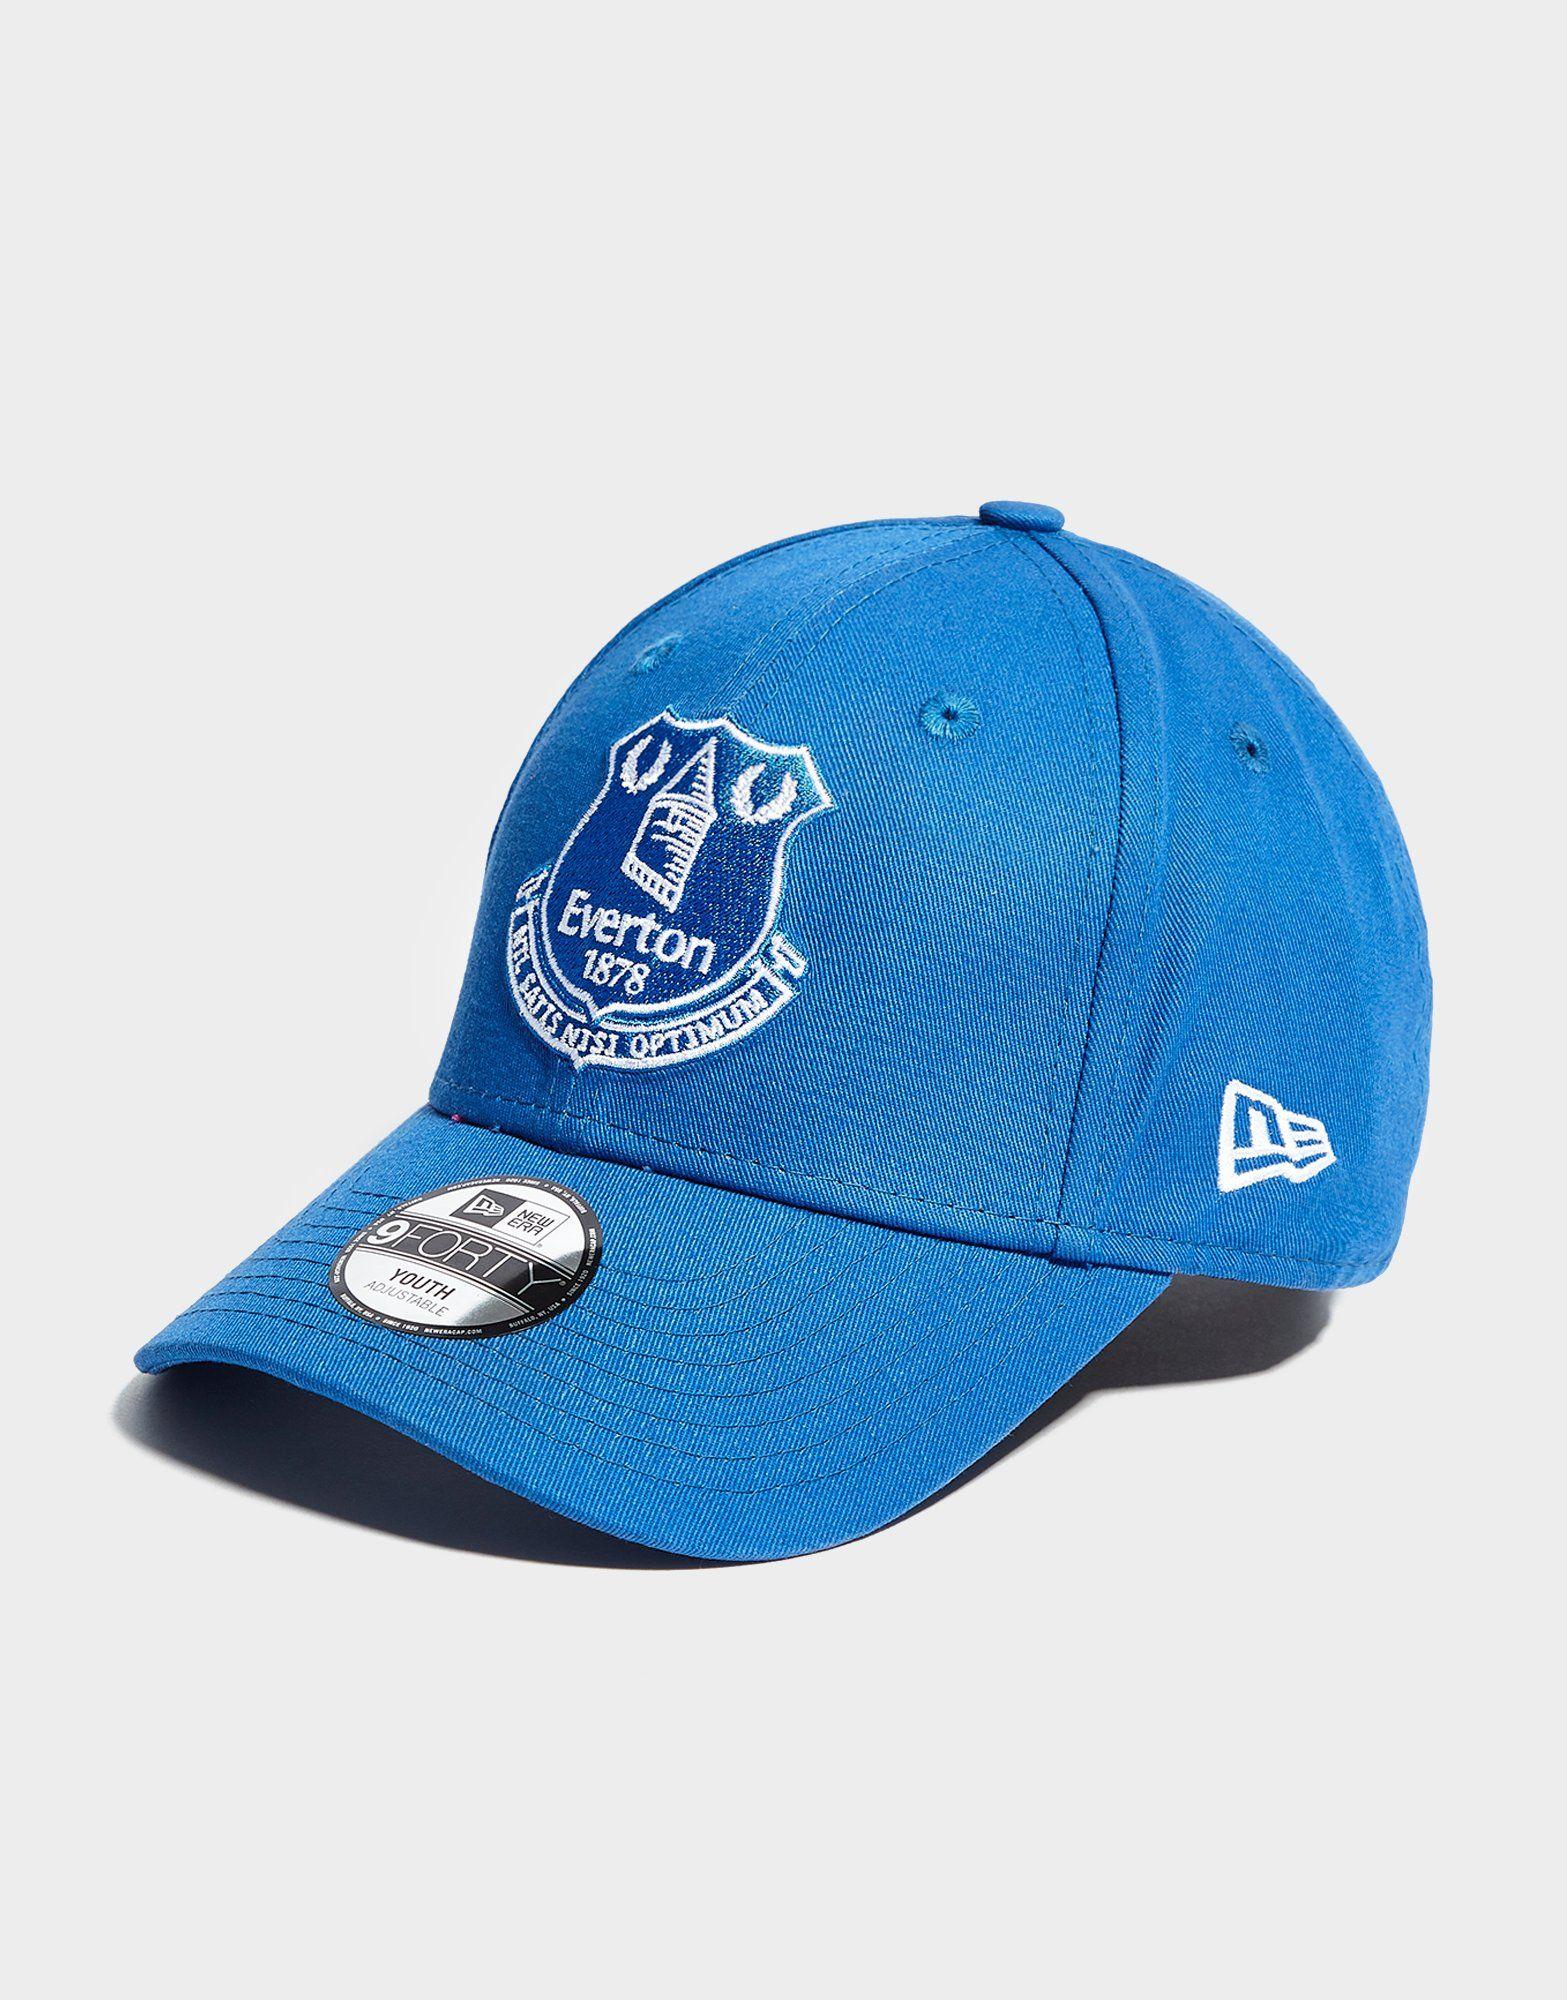 New Era Casquette Everton FC 9FORTY